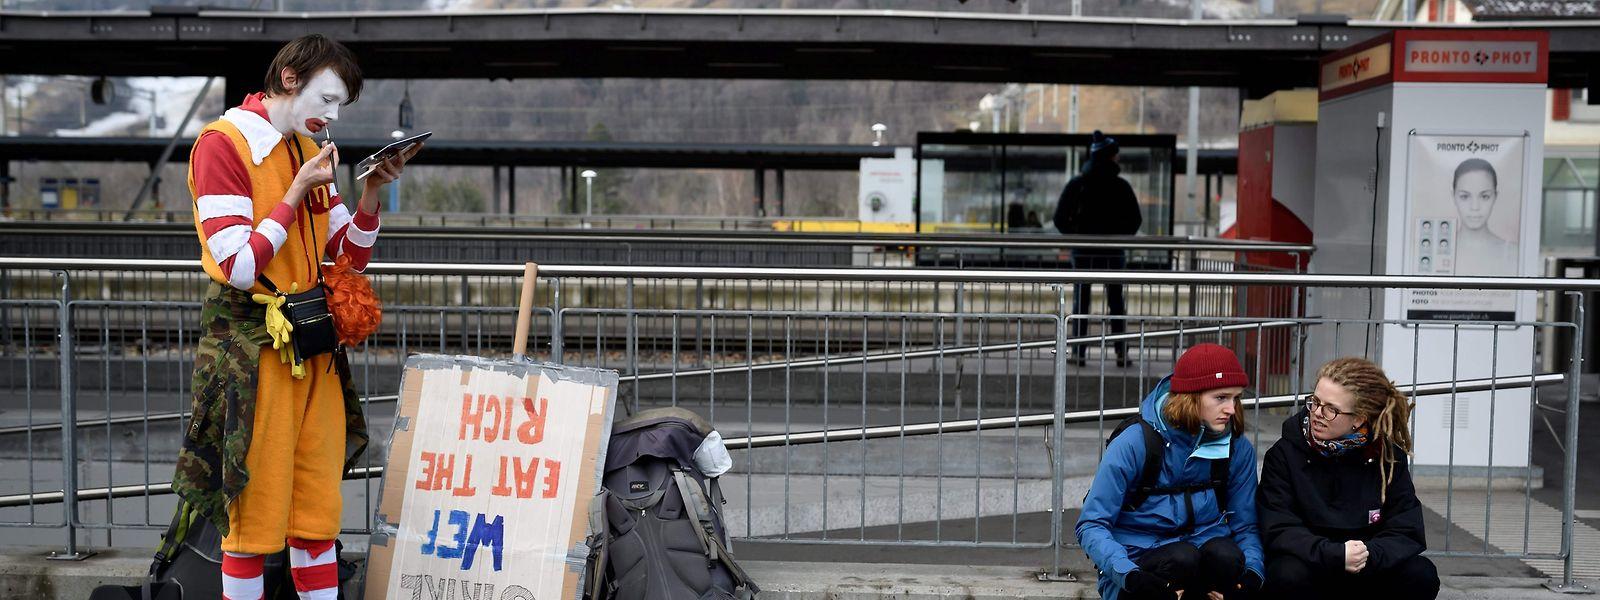 Les inégalités sociales, un thème en marge du Forum économique mondial qui s'ouvre mardi à Davos, en Suisse